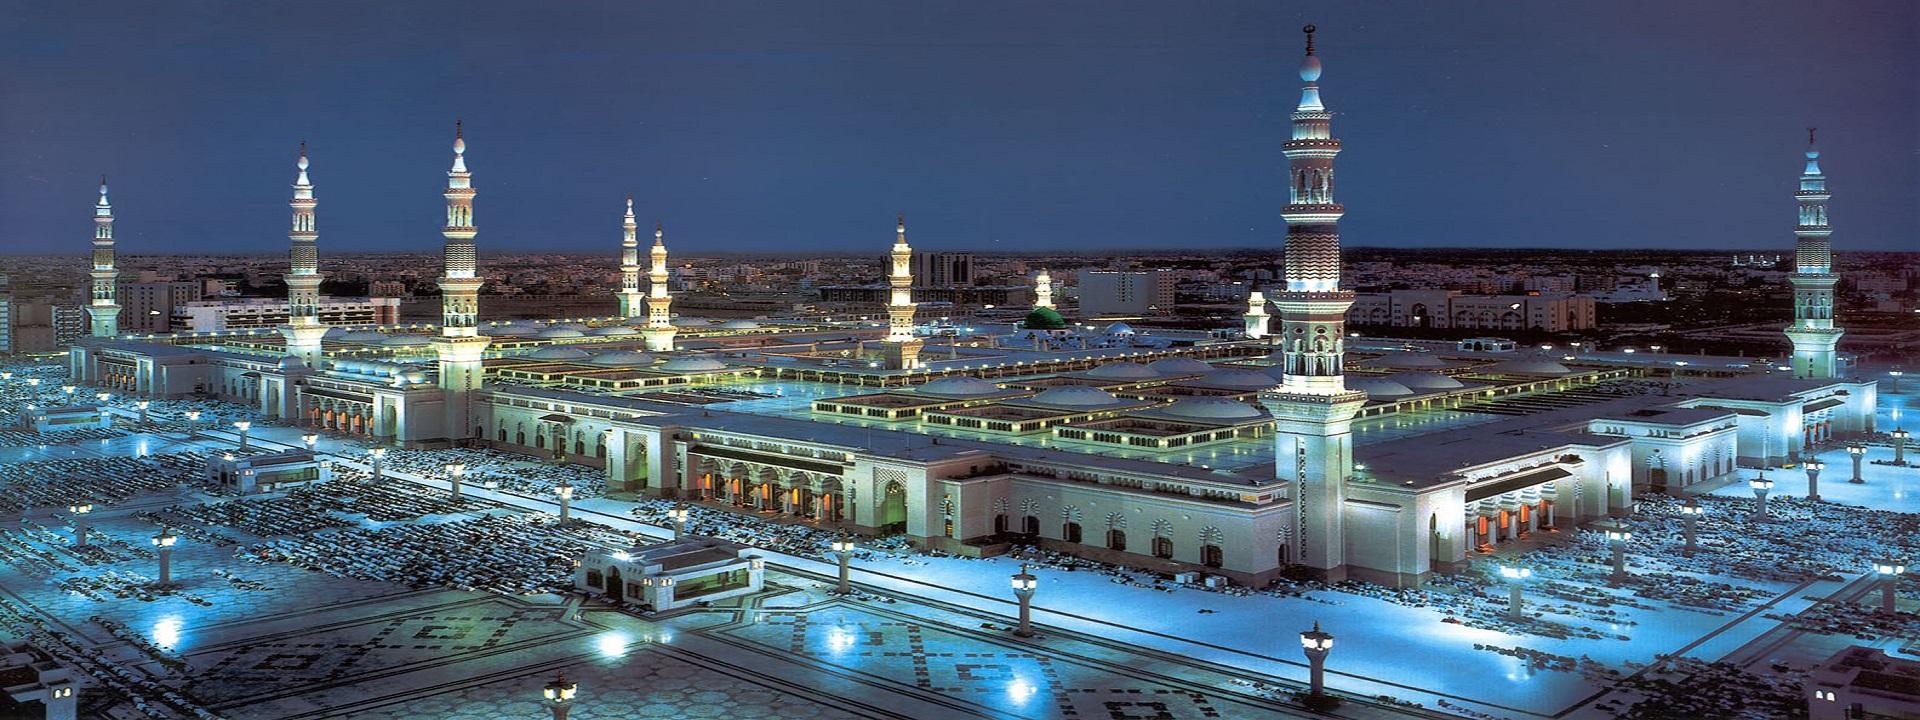 Al-Masjid an-Nabawi Madinah